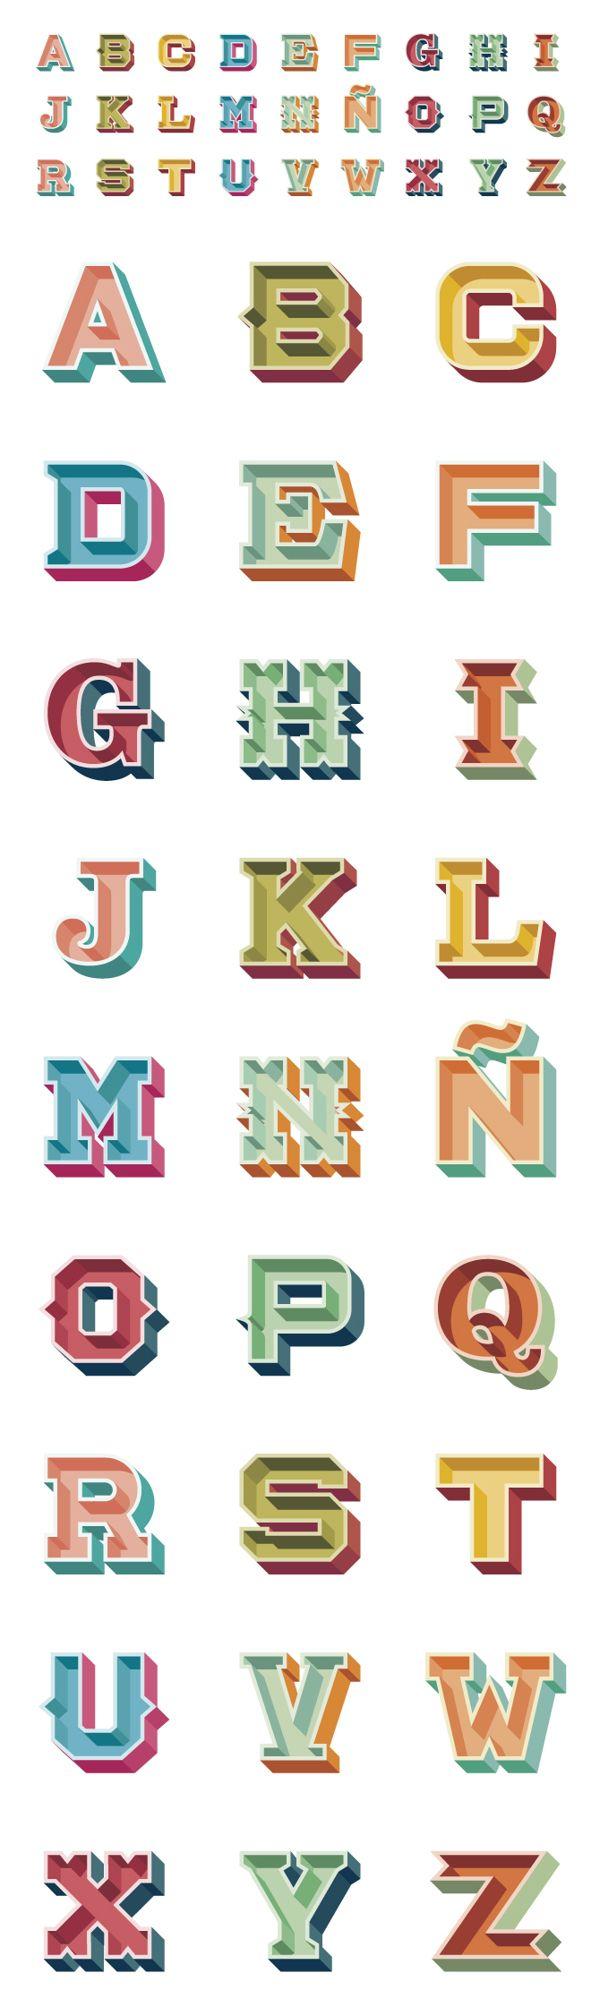 Fun Choices Lettering by David Sierra, via Behance